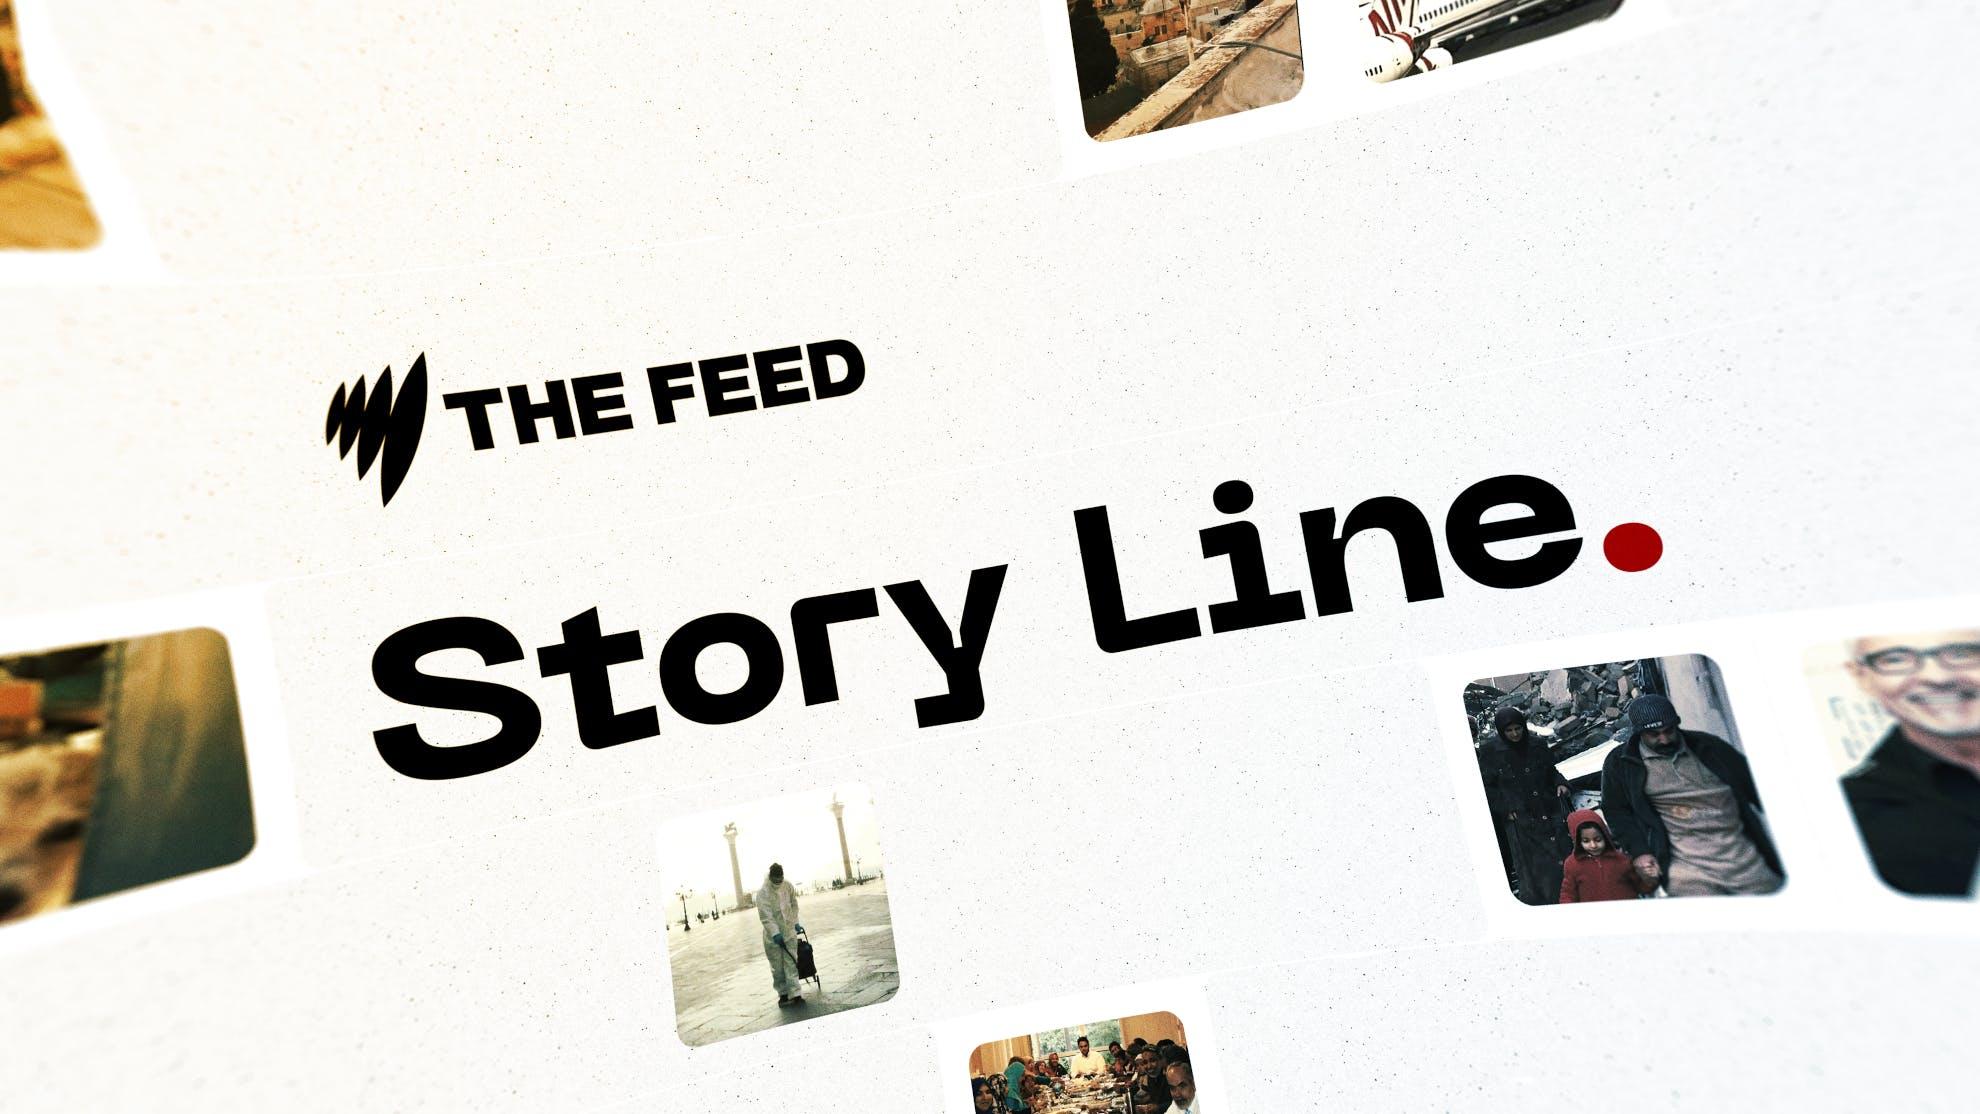 Storyline hero image